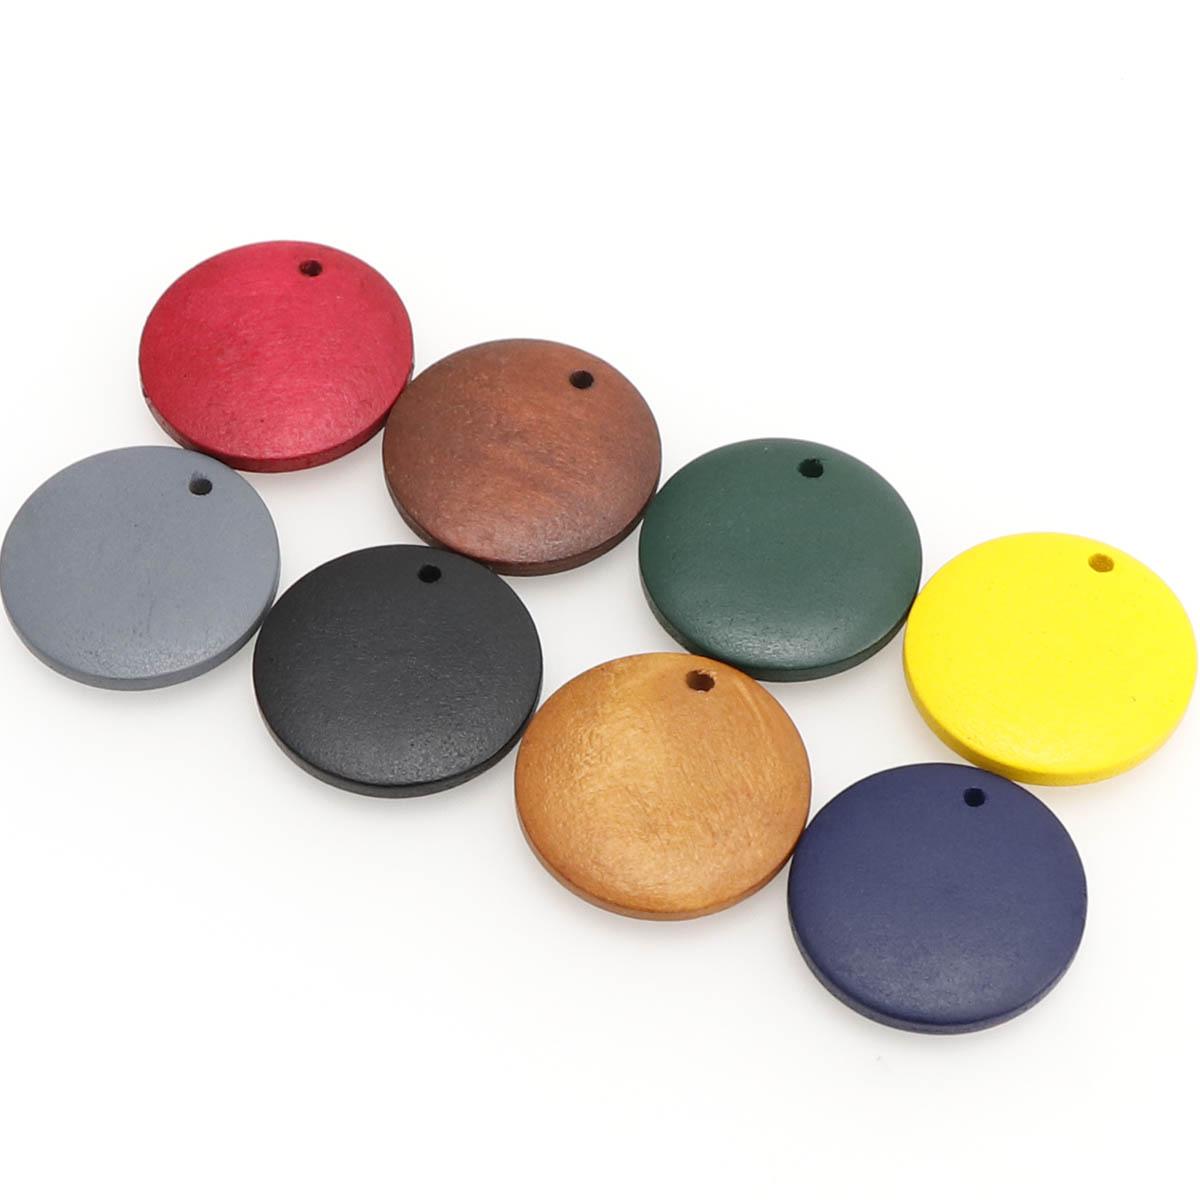 50個 円形 チャーム 木製 選べる9色 20mm DIY ピアス イヤリング アクセサリー デコパーツ